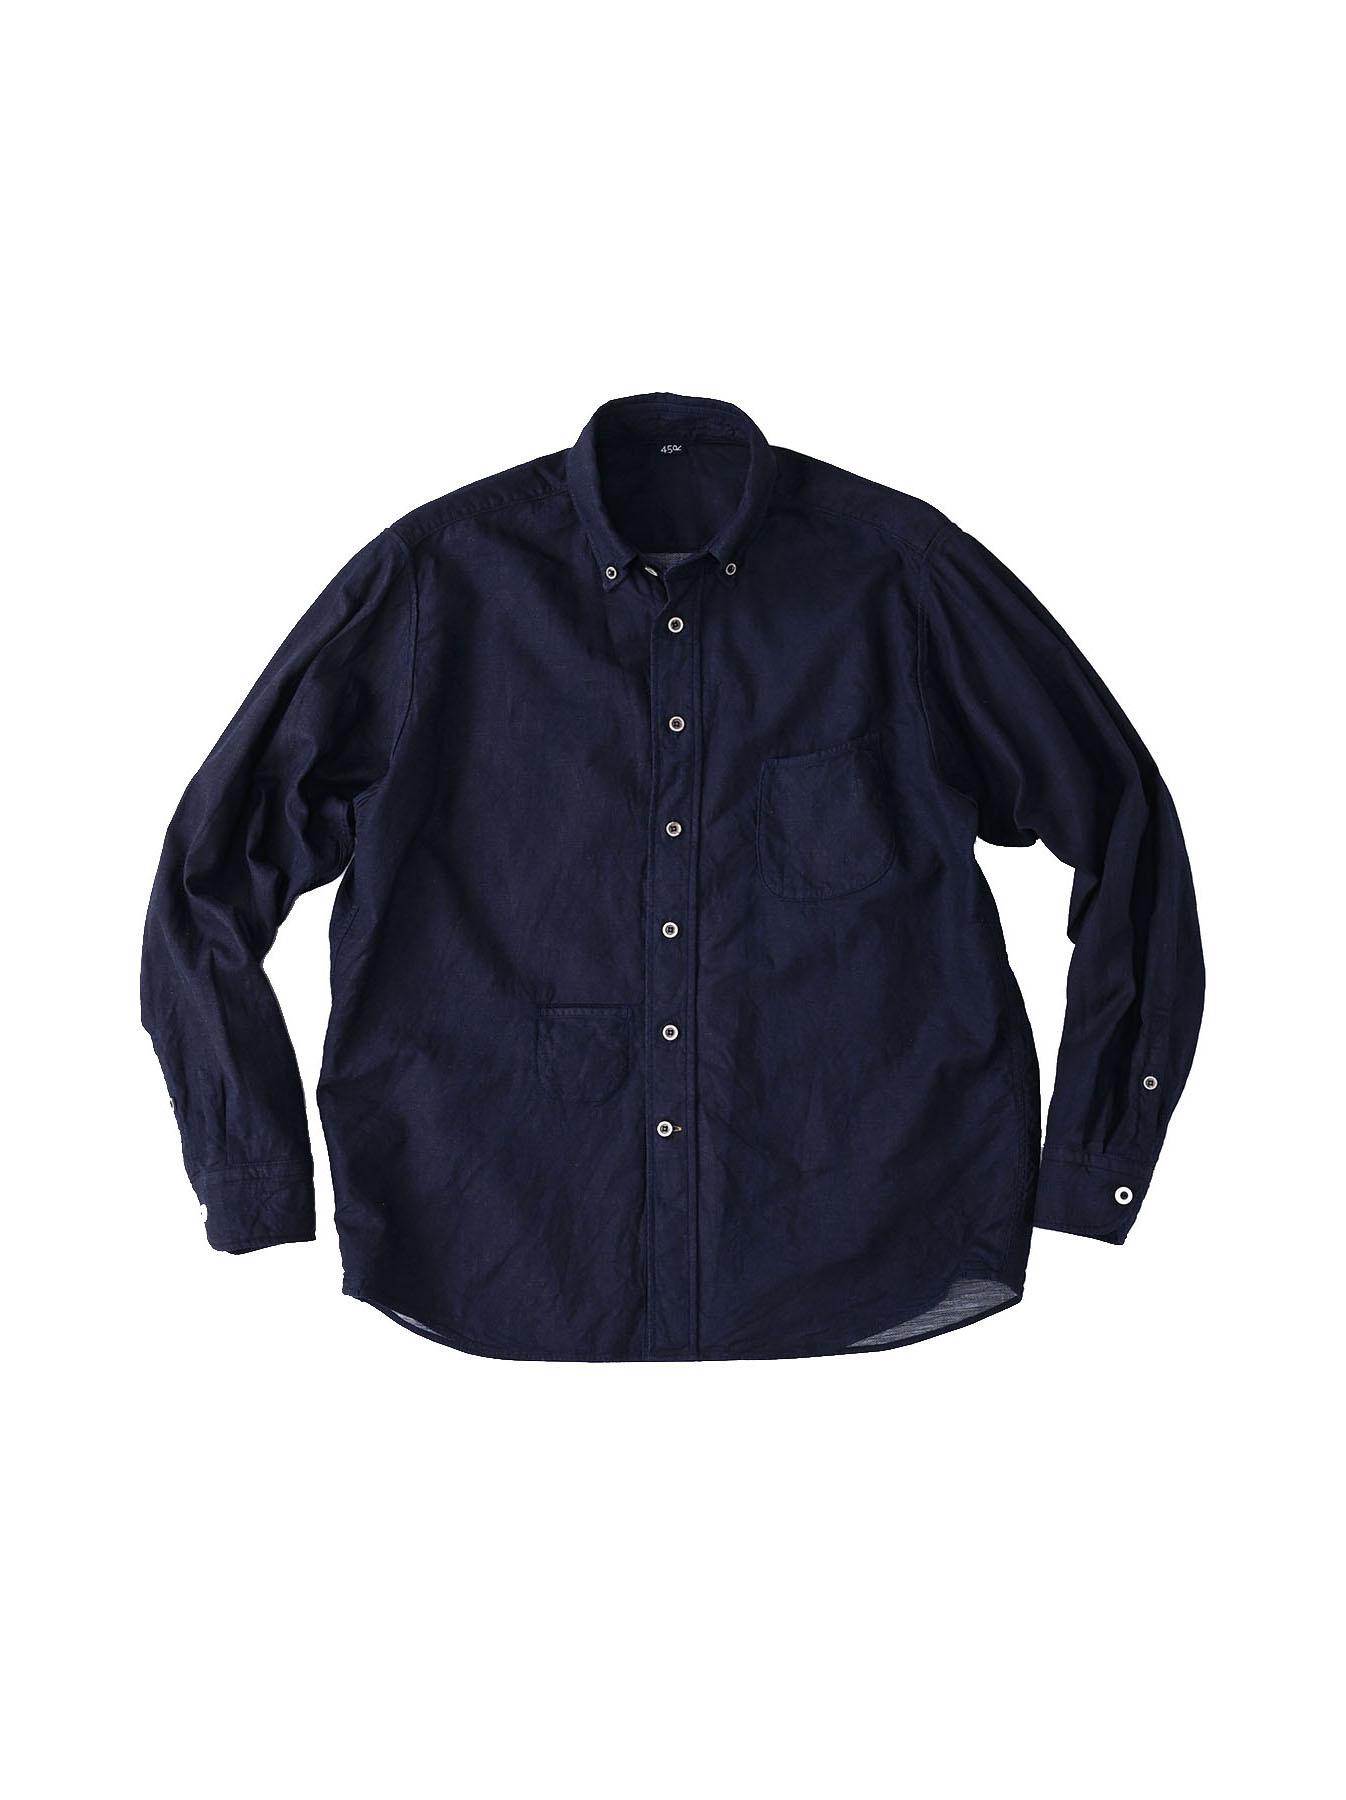 Indigo Gauze 908 Ocean Shirt-1